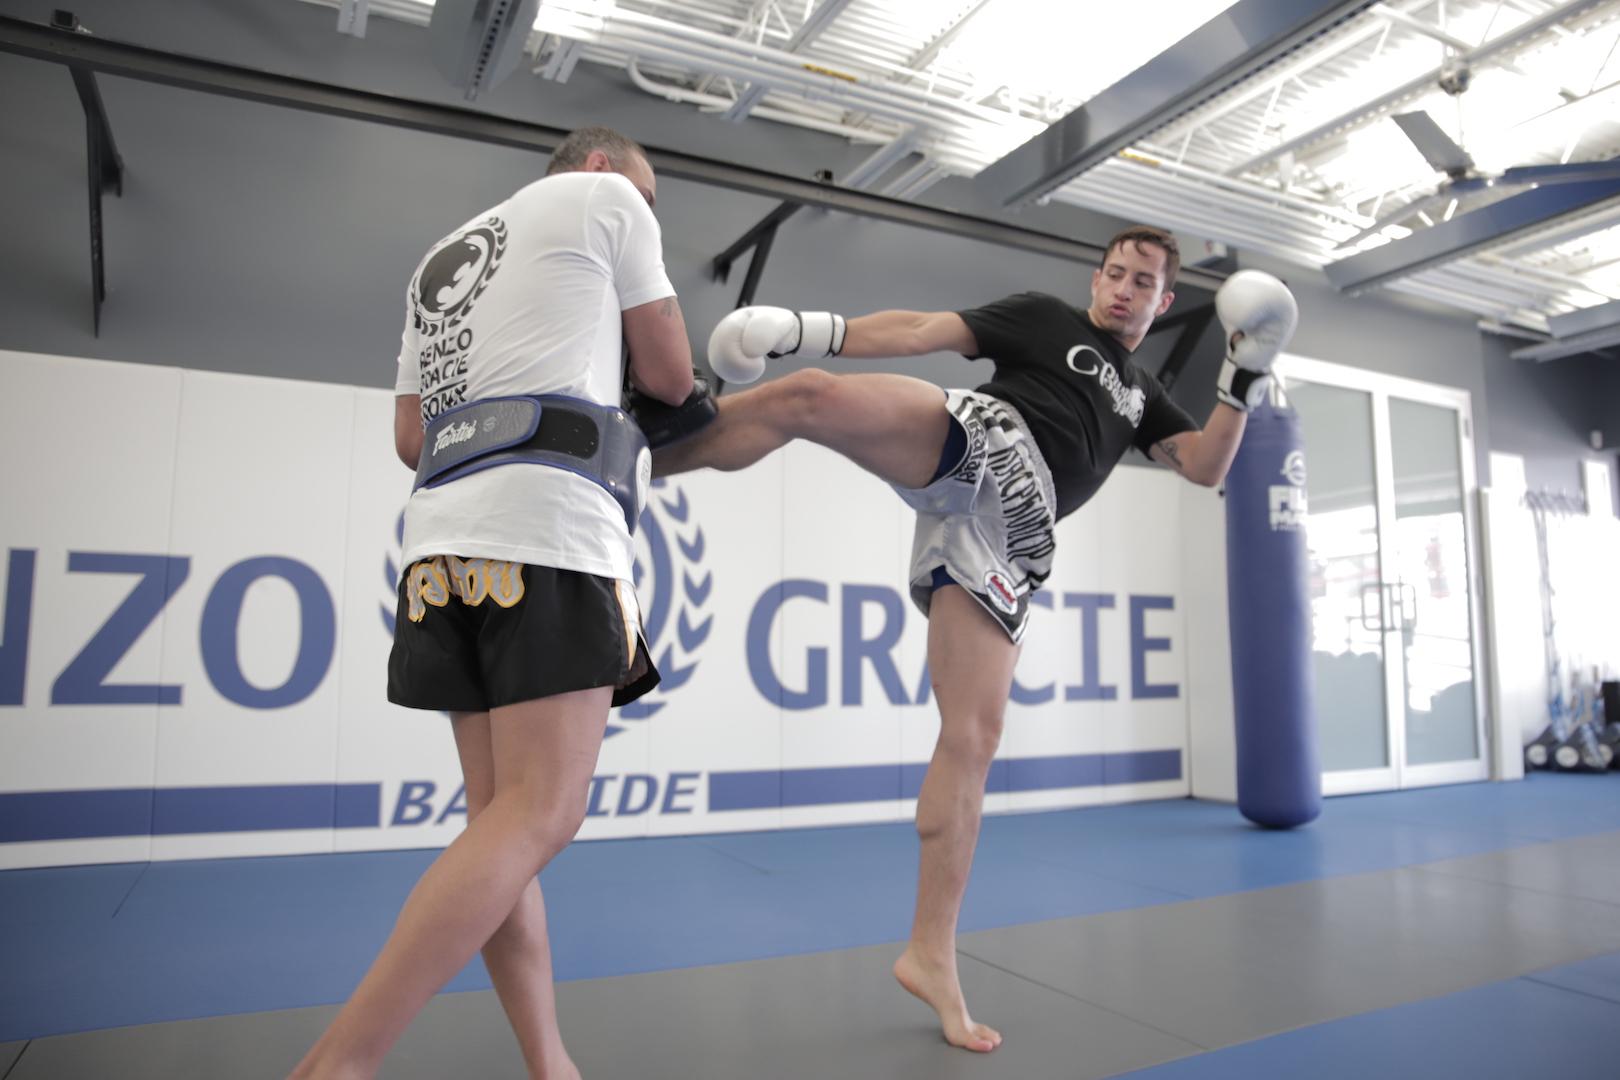 Muay Thai Kick boxing at Bayside.JPG